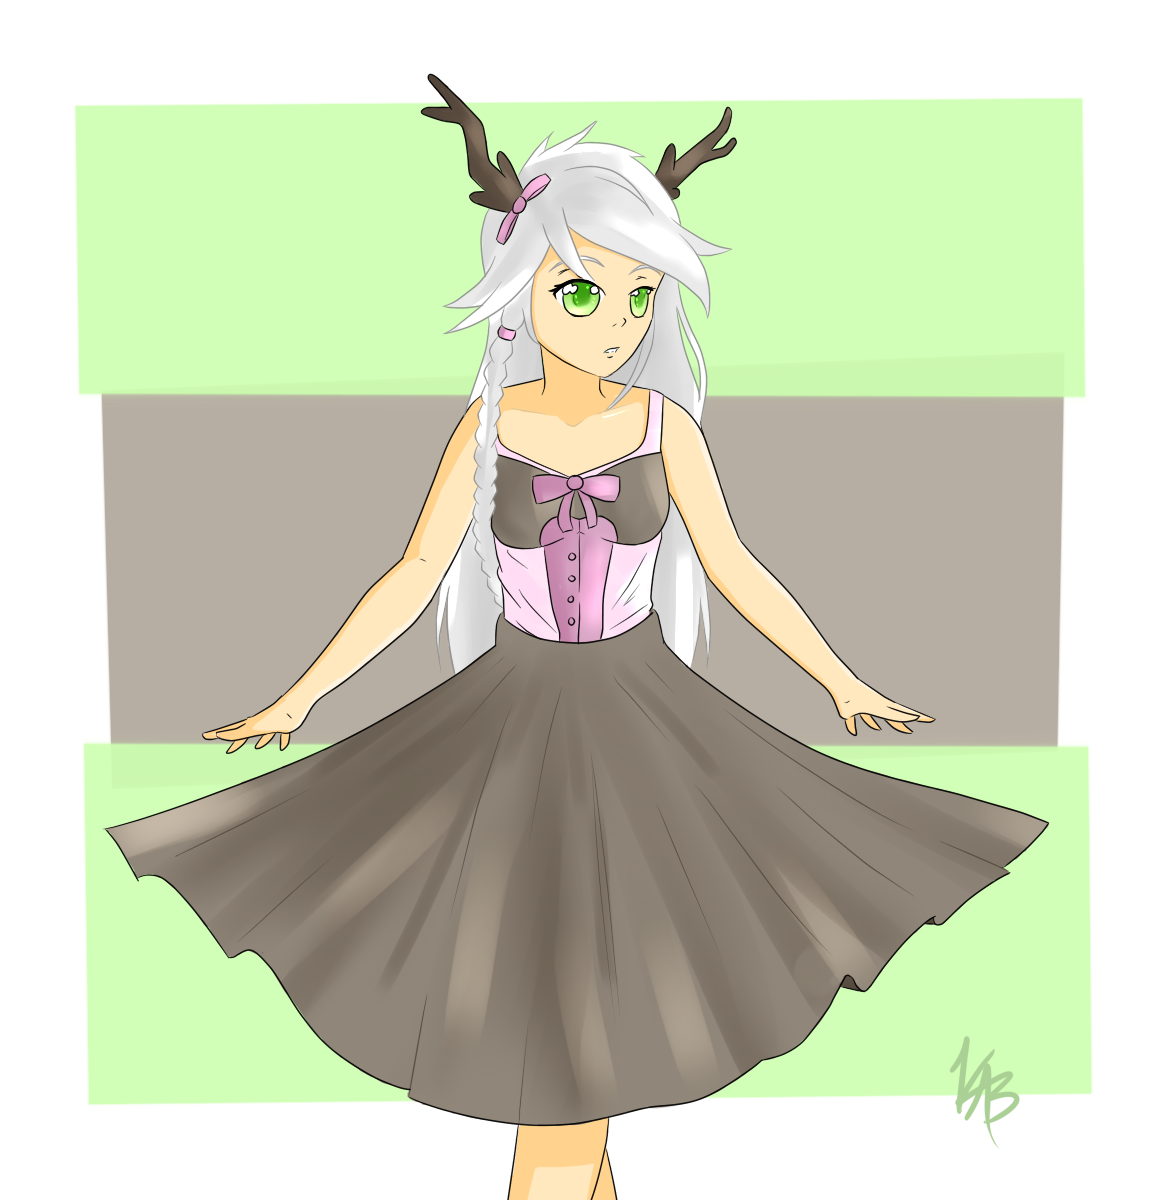 Rima - Requested Artwork